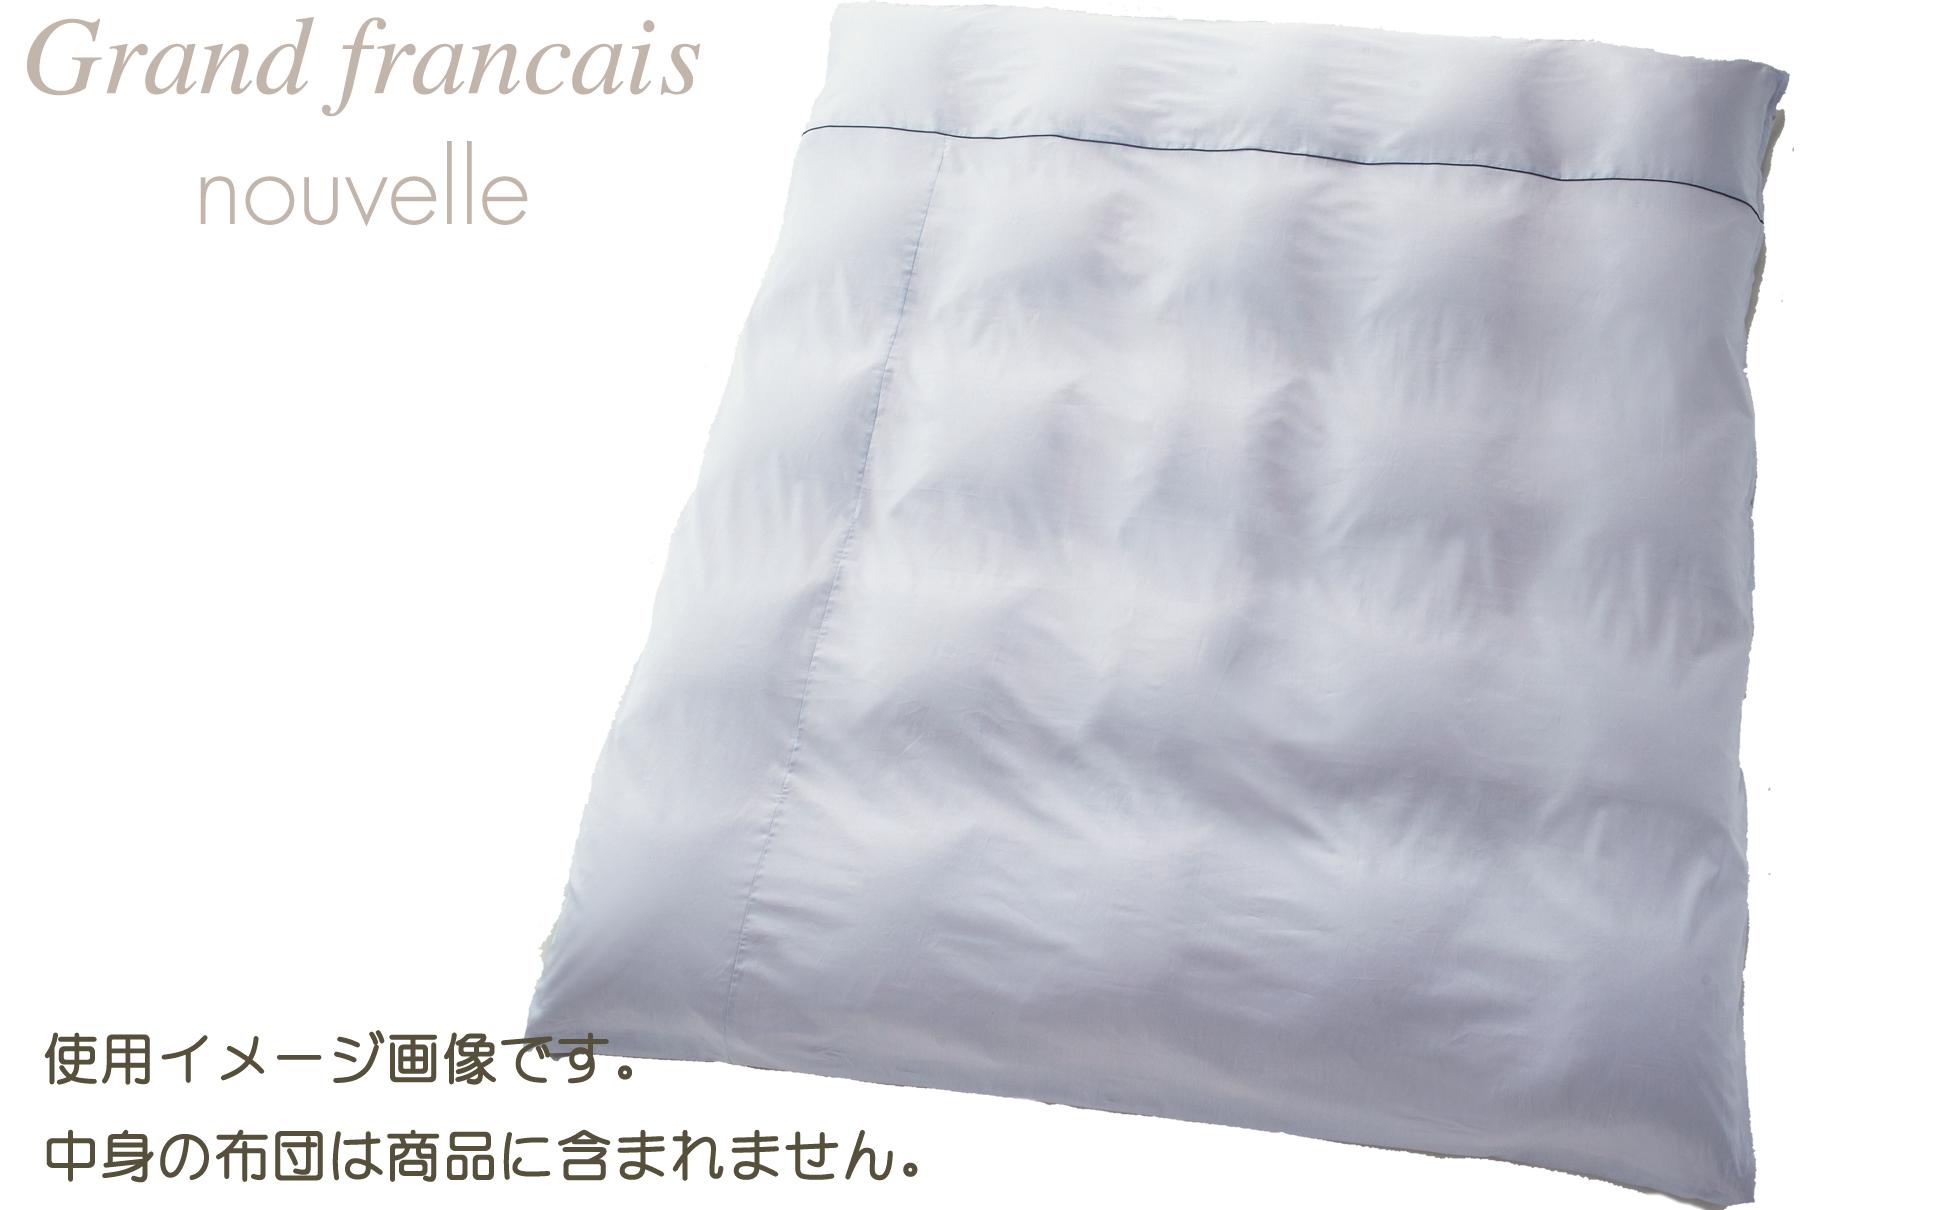 【ダブルサイズ】日本製 羽毛布団を引き立てる やわらか超長綿掛け布団カバー カラー:シルバースカイ